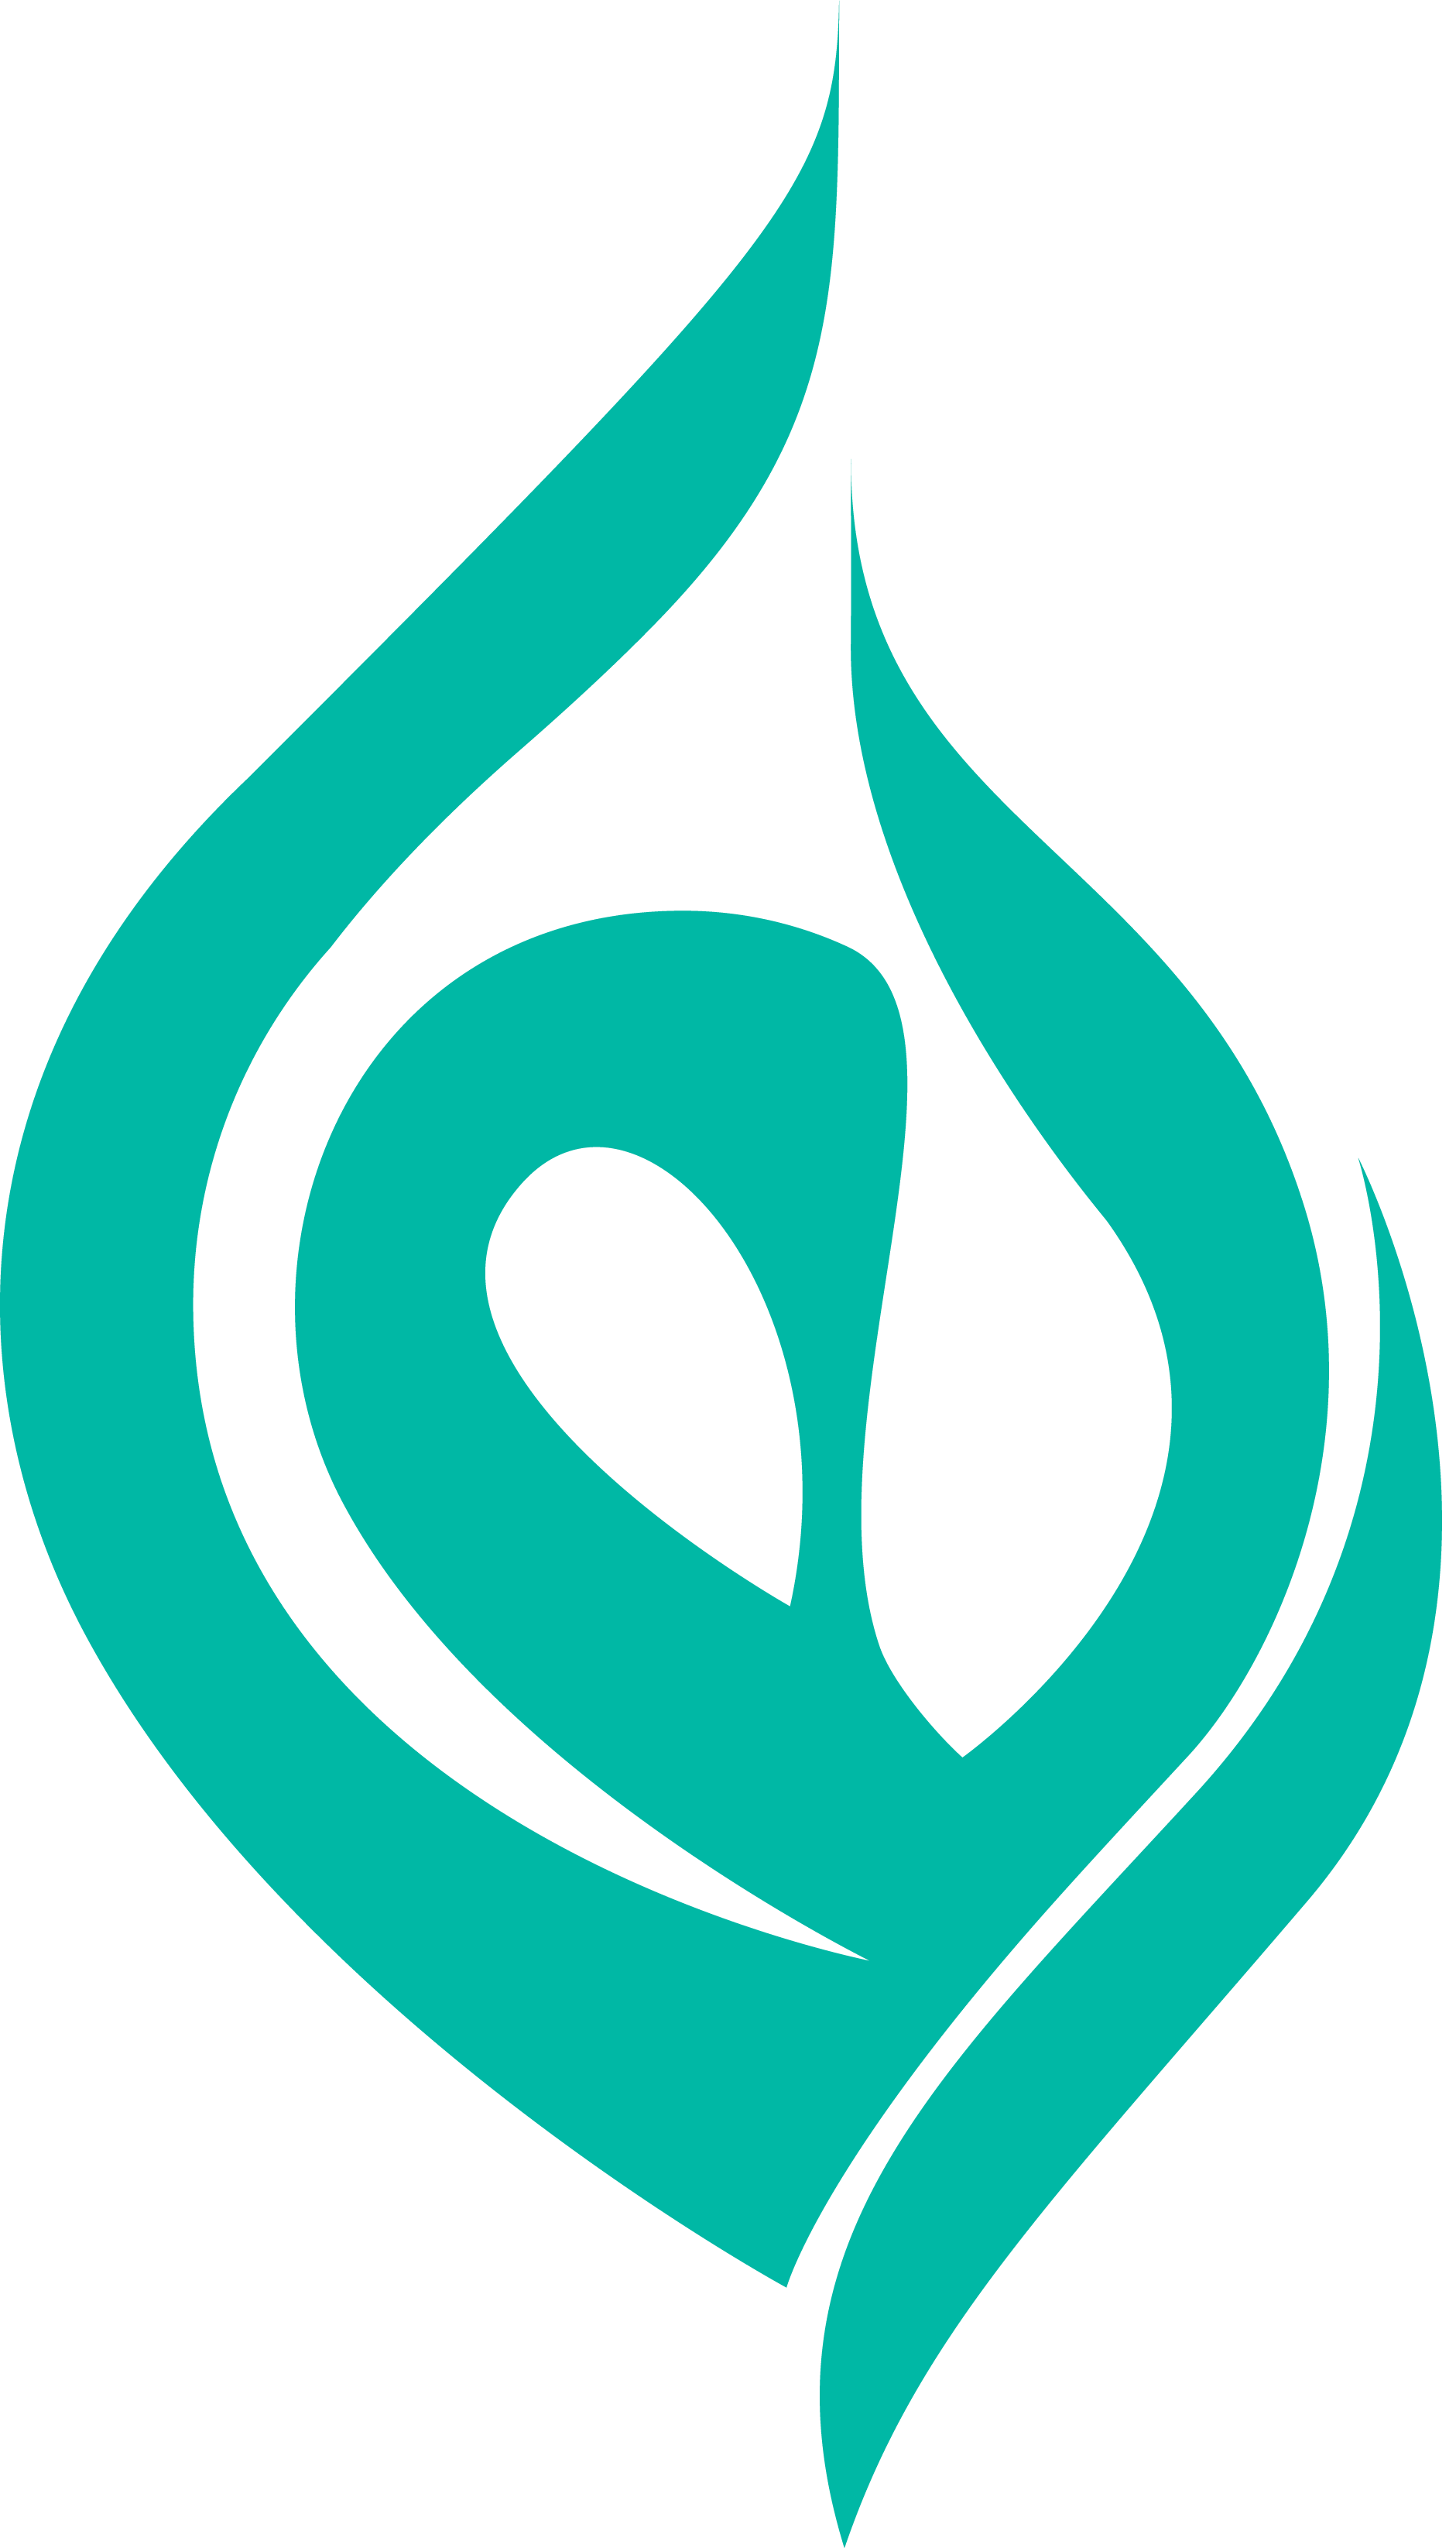 Rahanet logo